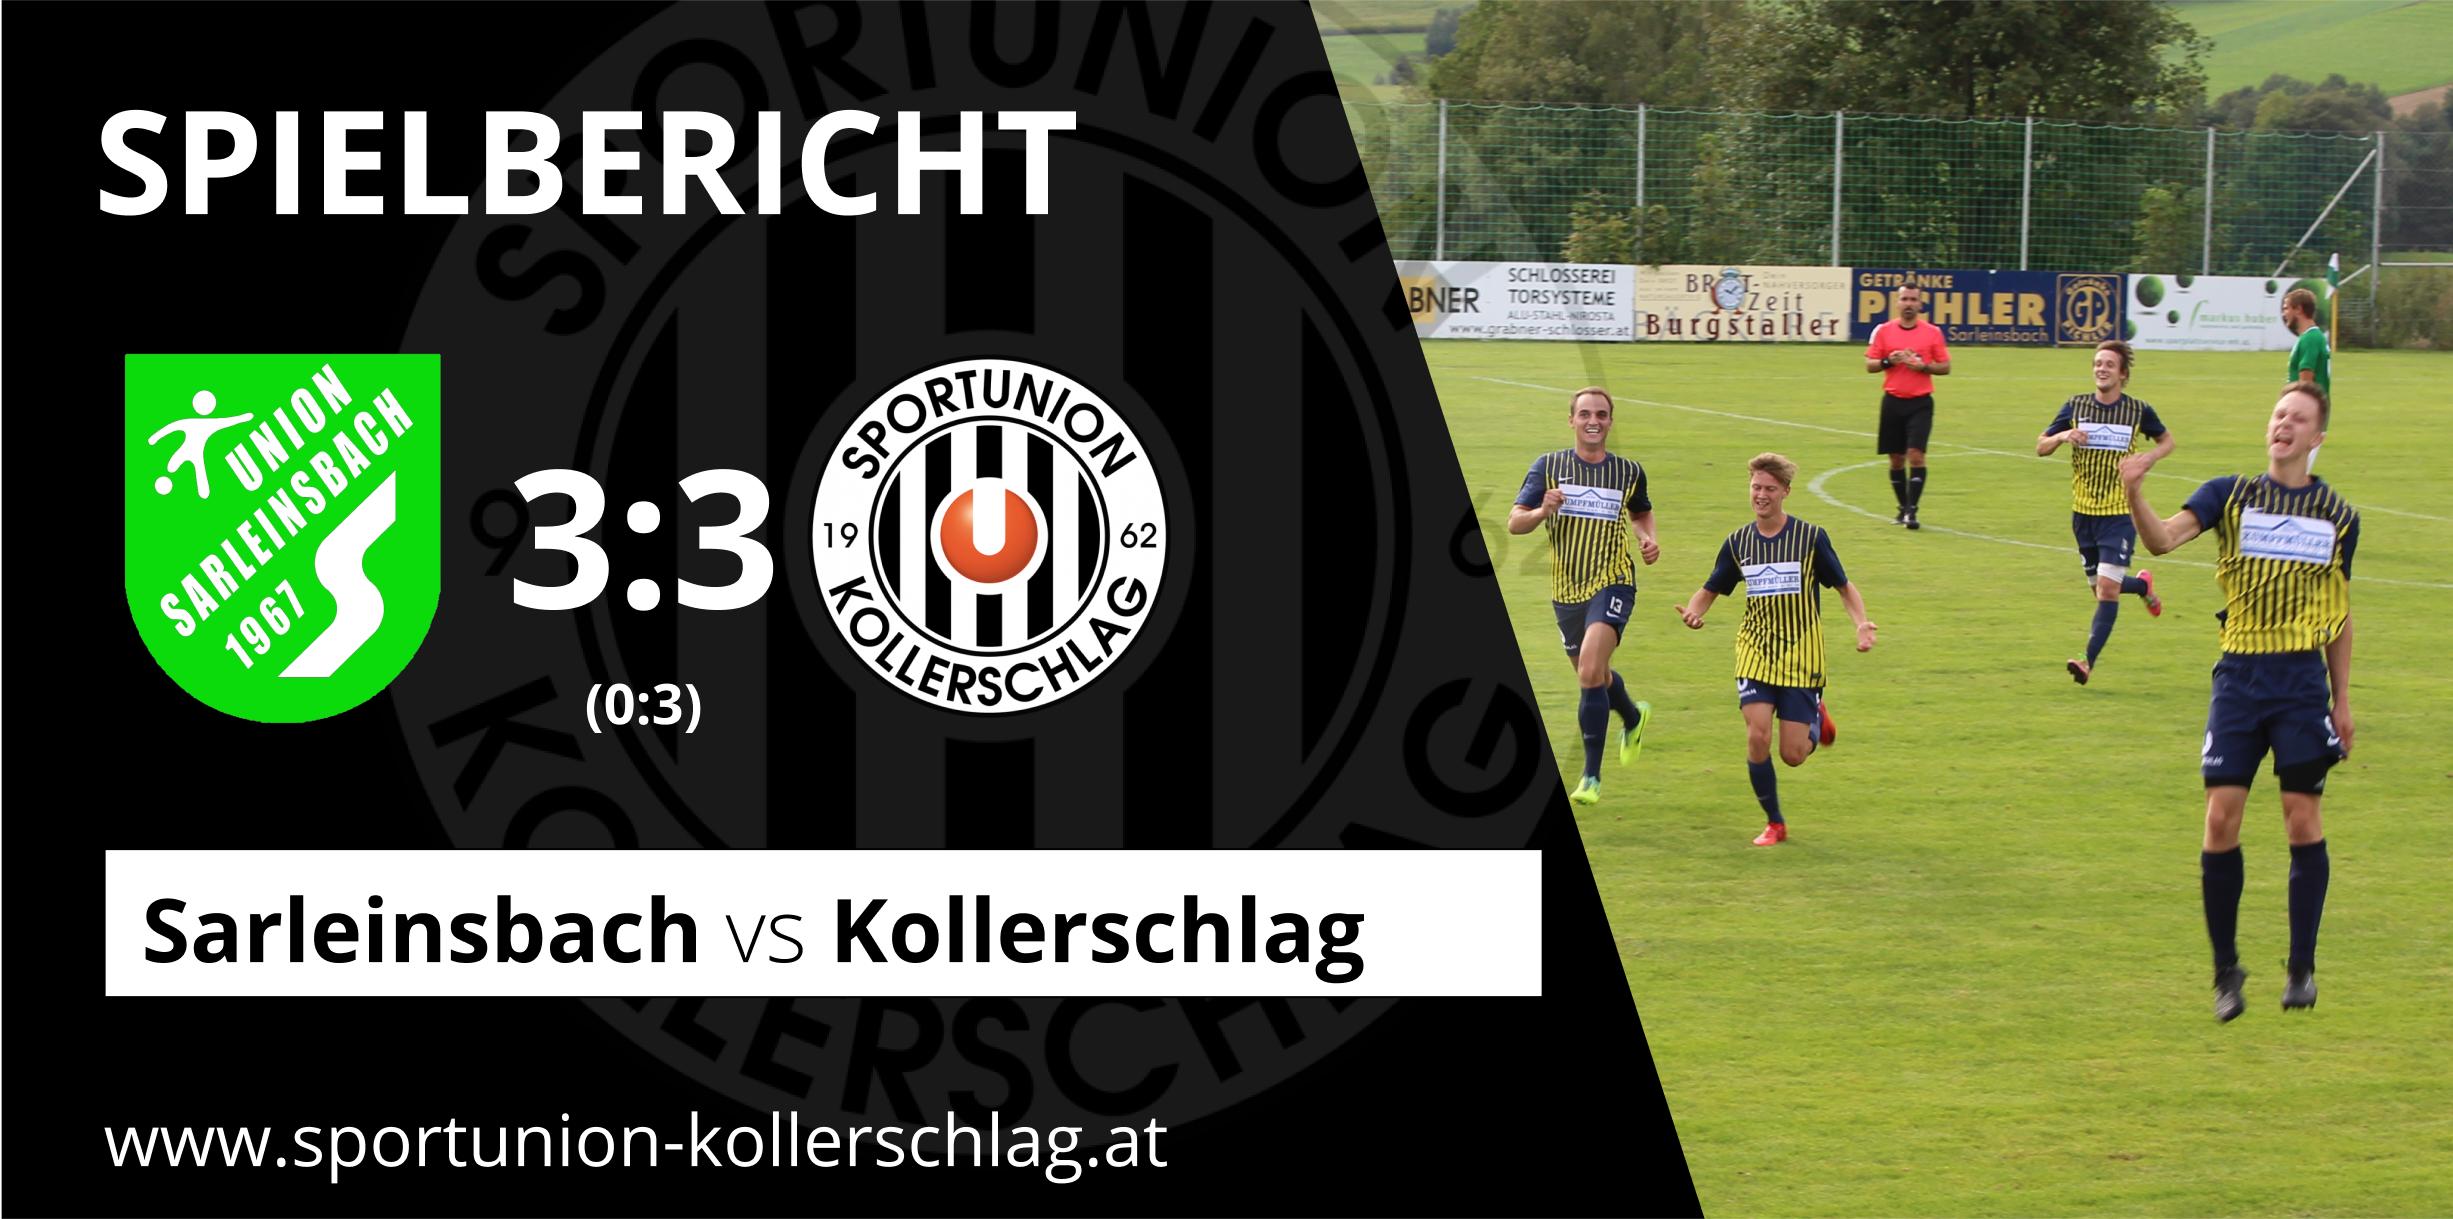 Das Lokalderby gegen Sarleinsbach endet 3:3 Unentschieden